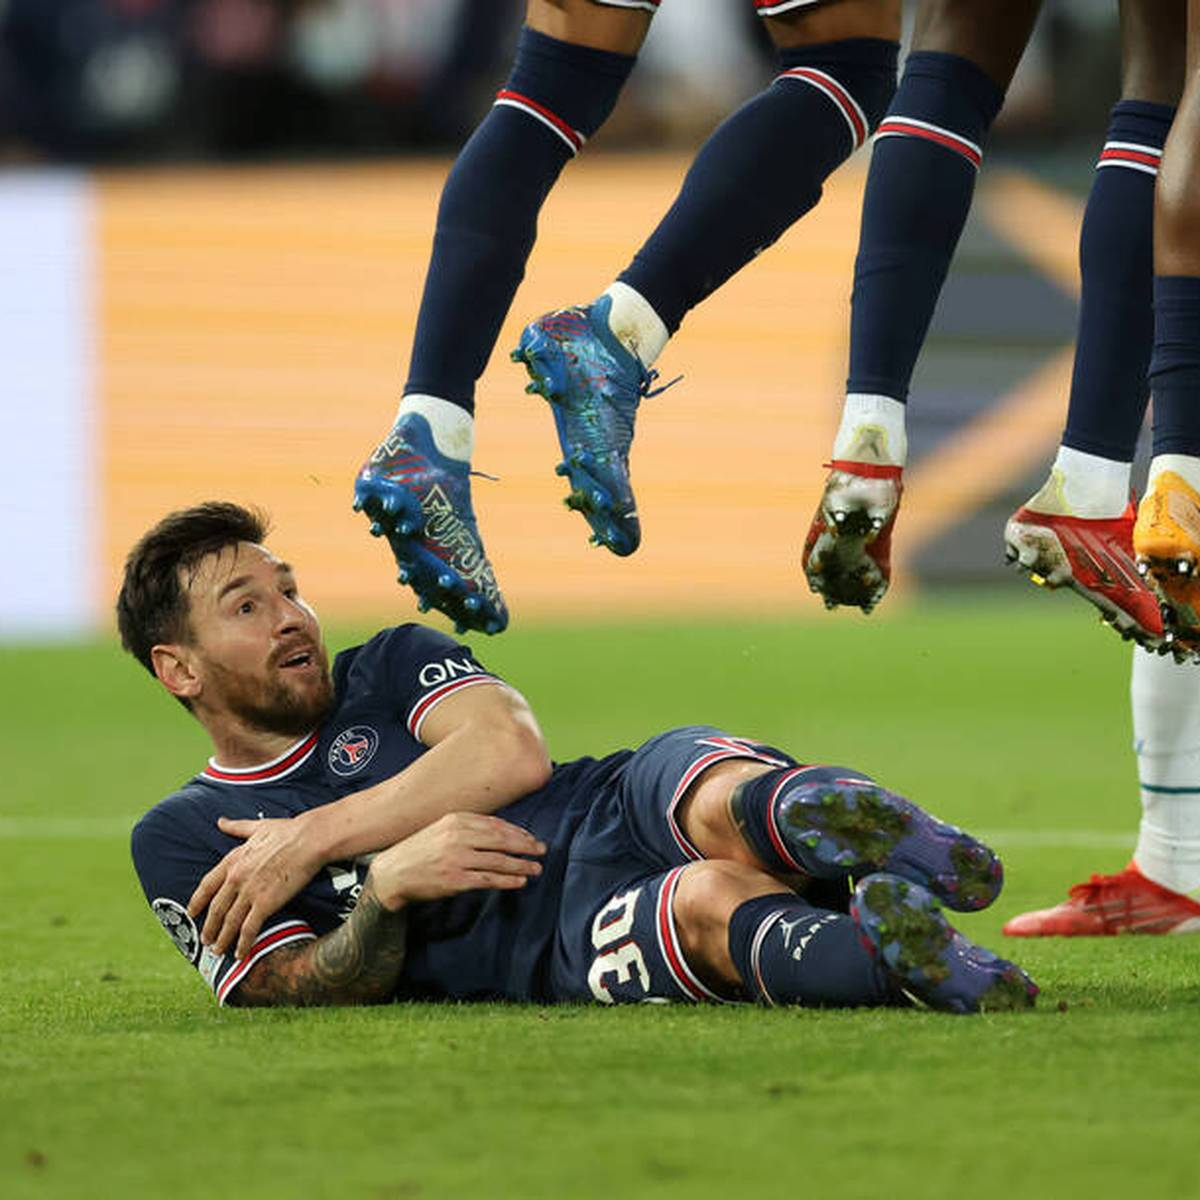 Debüt-Tor für PSG! Aber alle reden über diese Messi-Szene